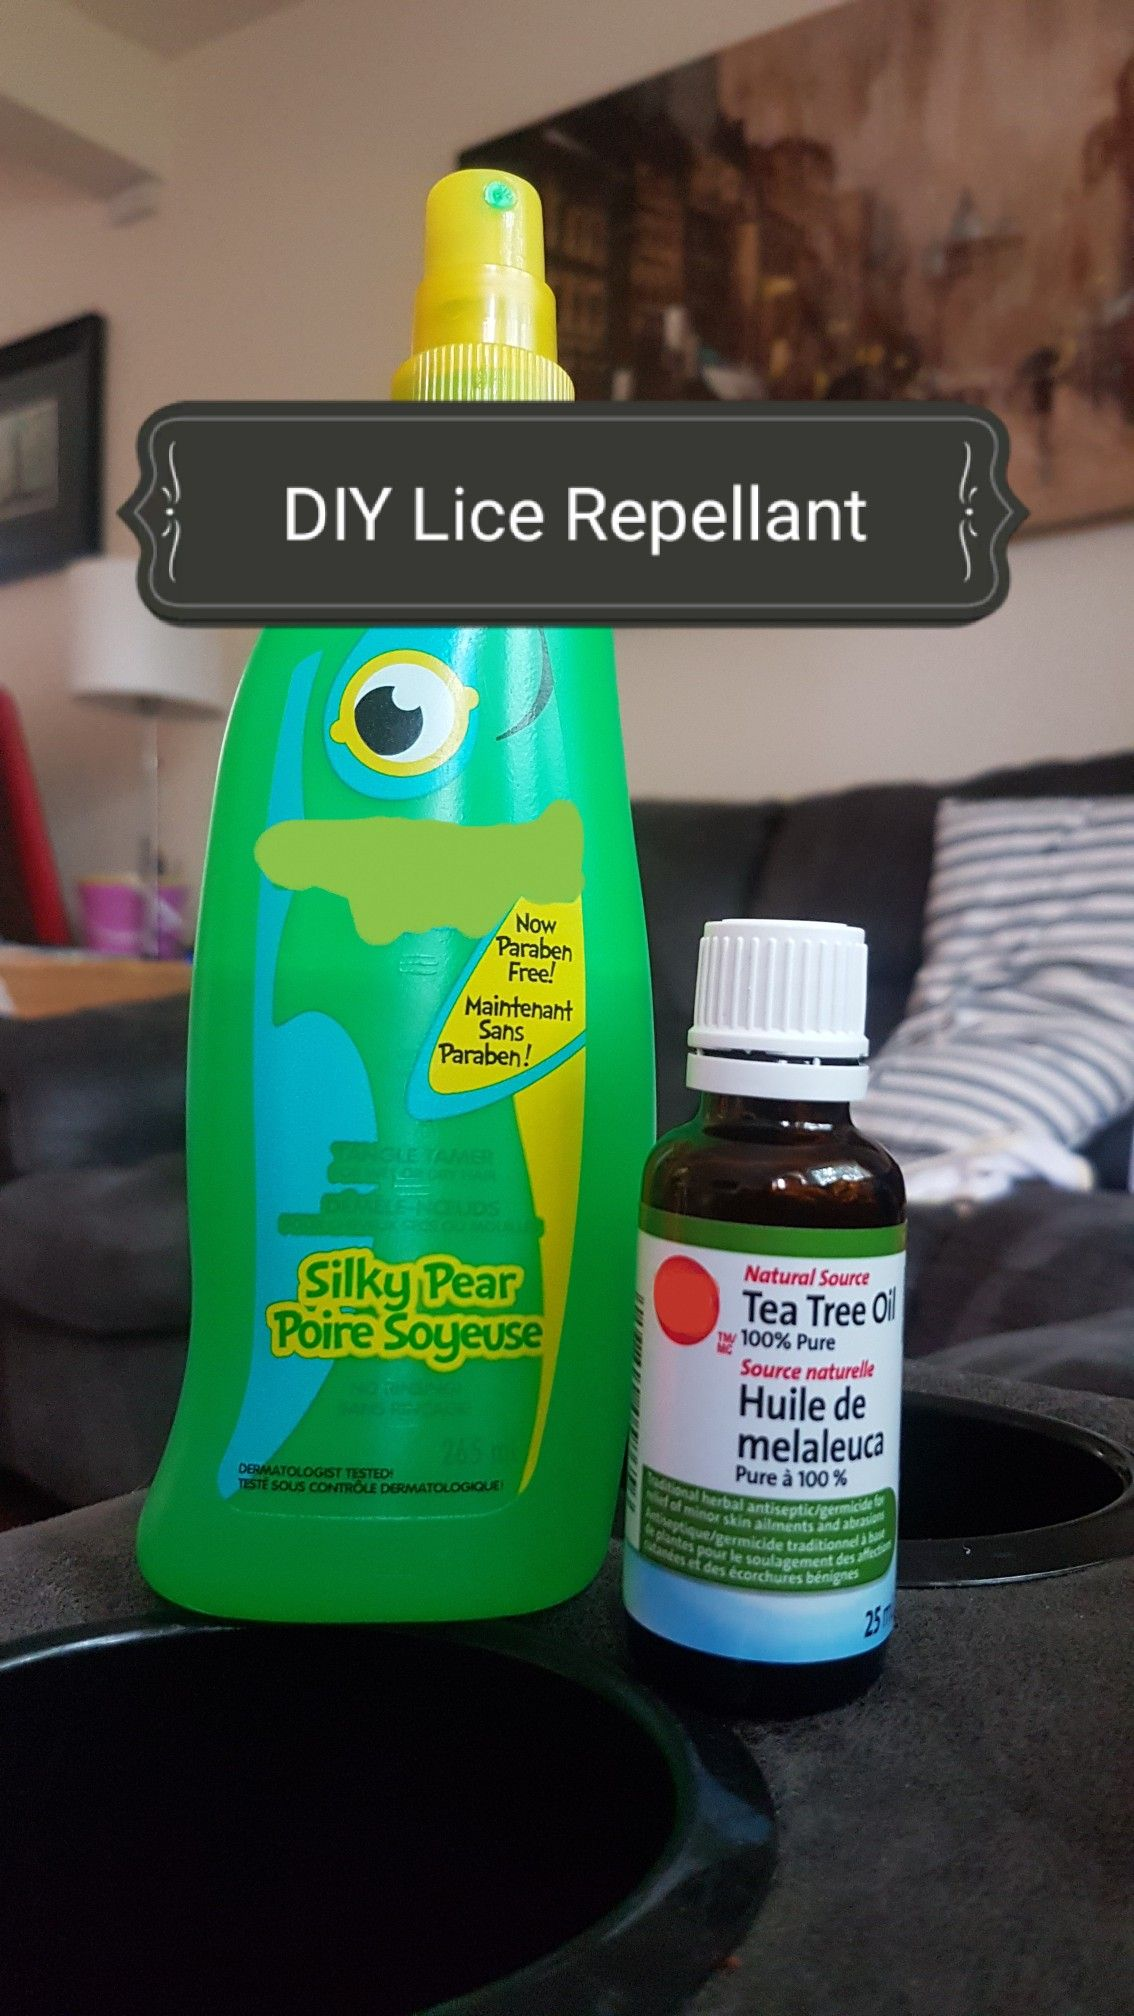 5a612f6821d36ce0fa91af23a6700041 - How To Get Rid Of Lice Using Tea Tree Oil